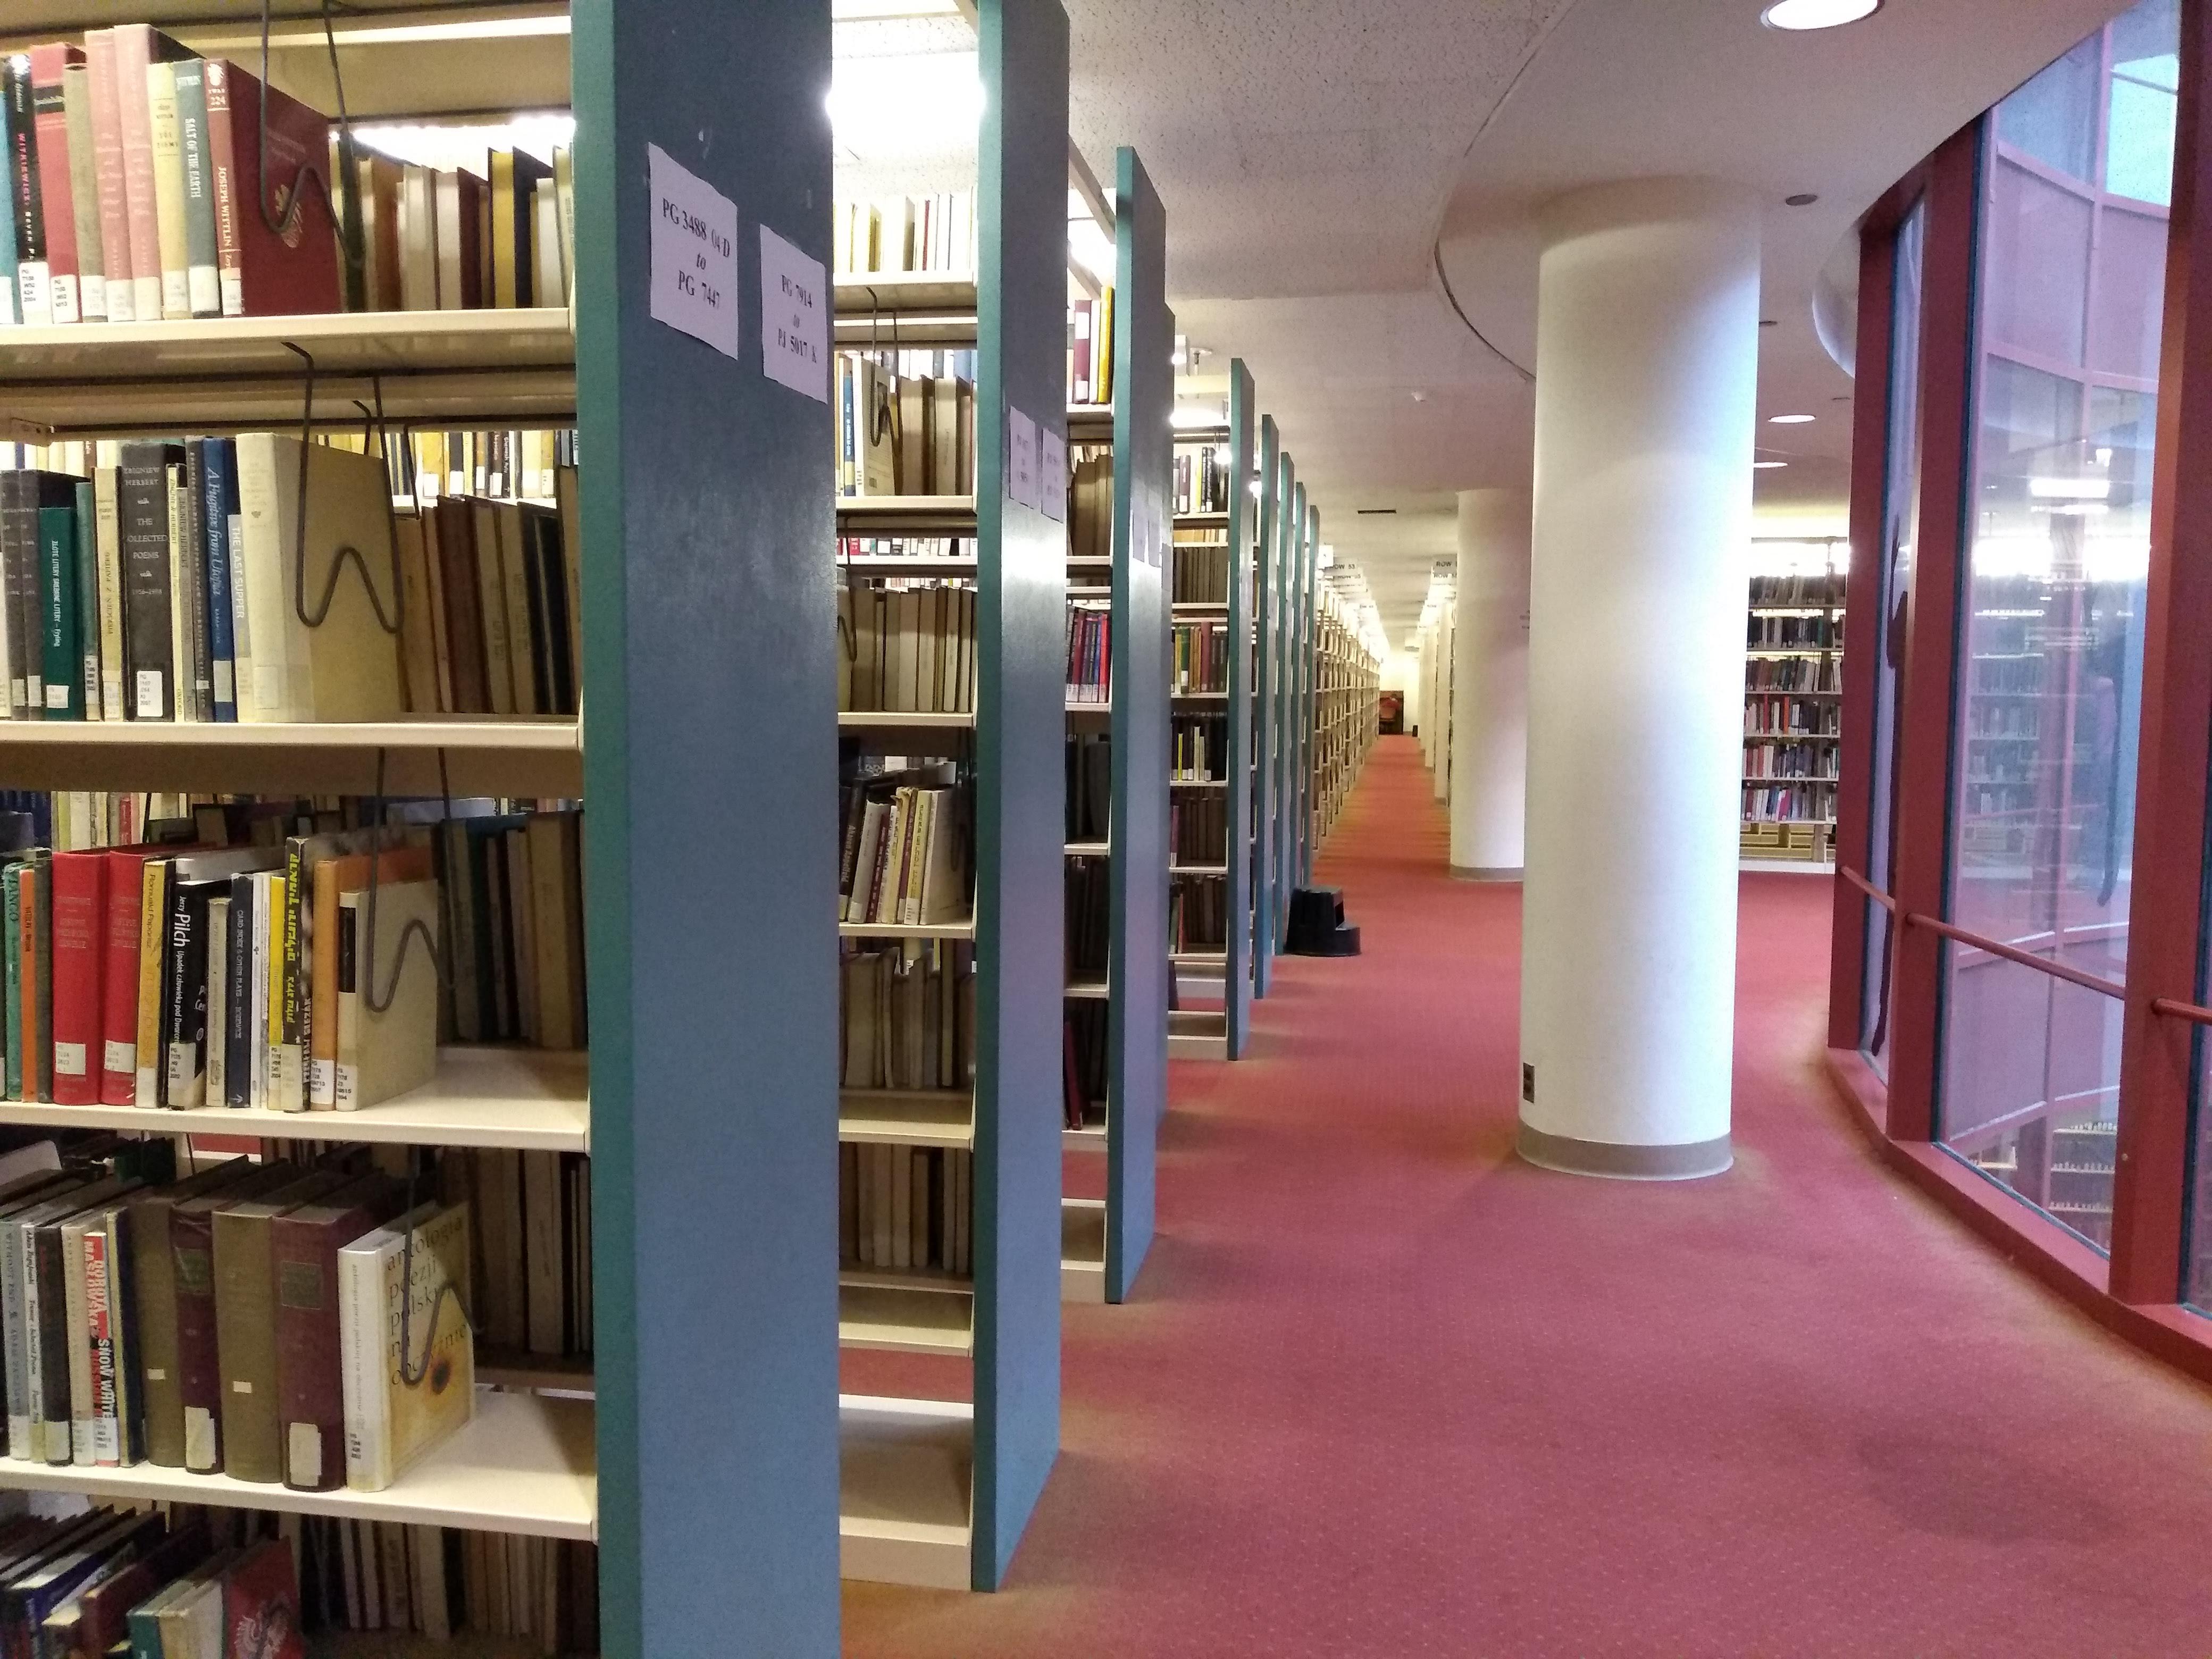 Books PN-PZ